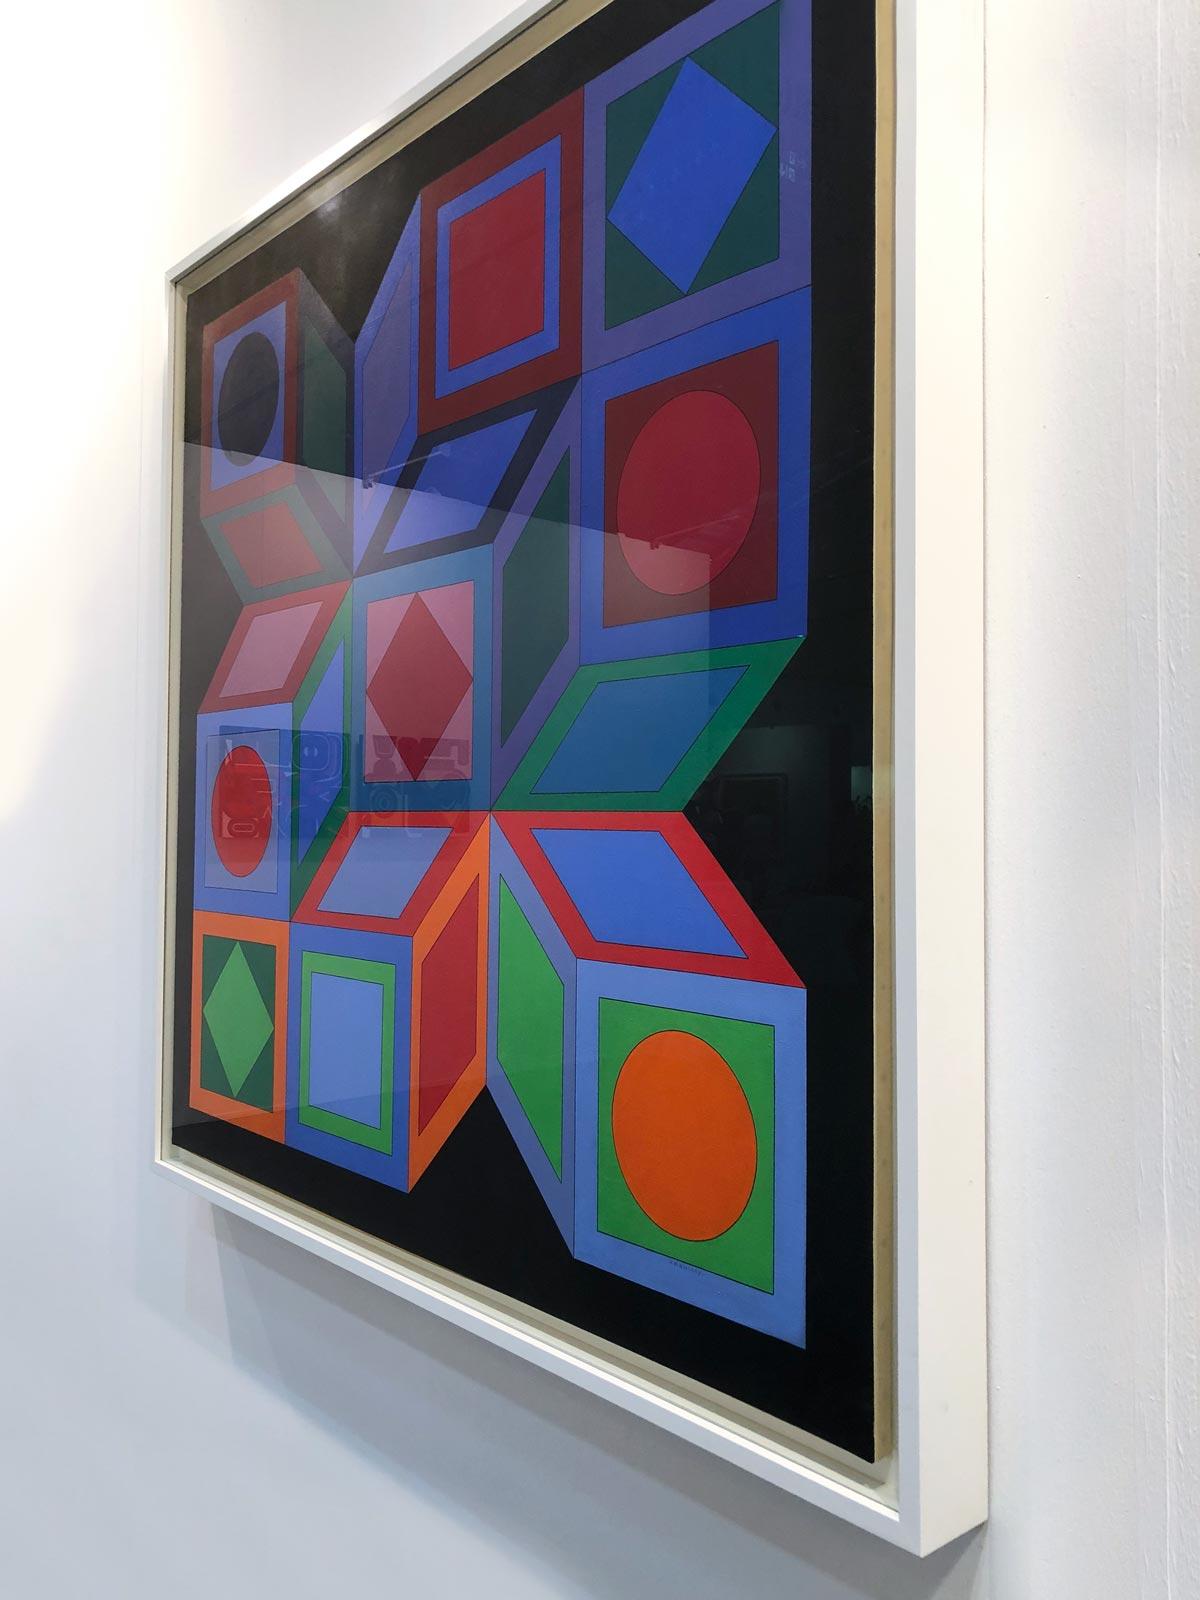 Gemälde von gestapelten Würfeln mit optischer Täuschung